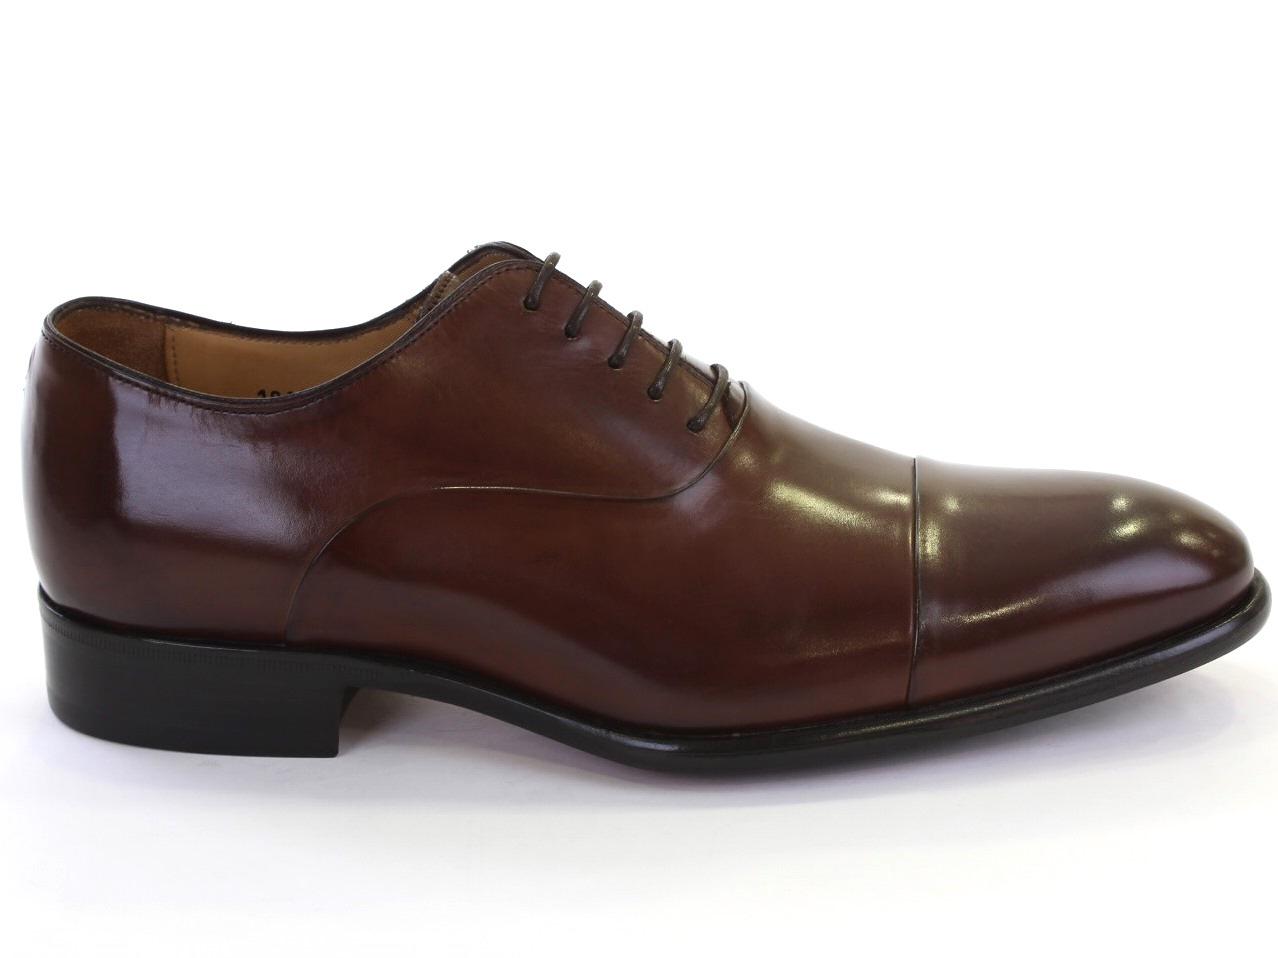 Sapatos Atacador Armando Silva - 405 18682